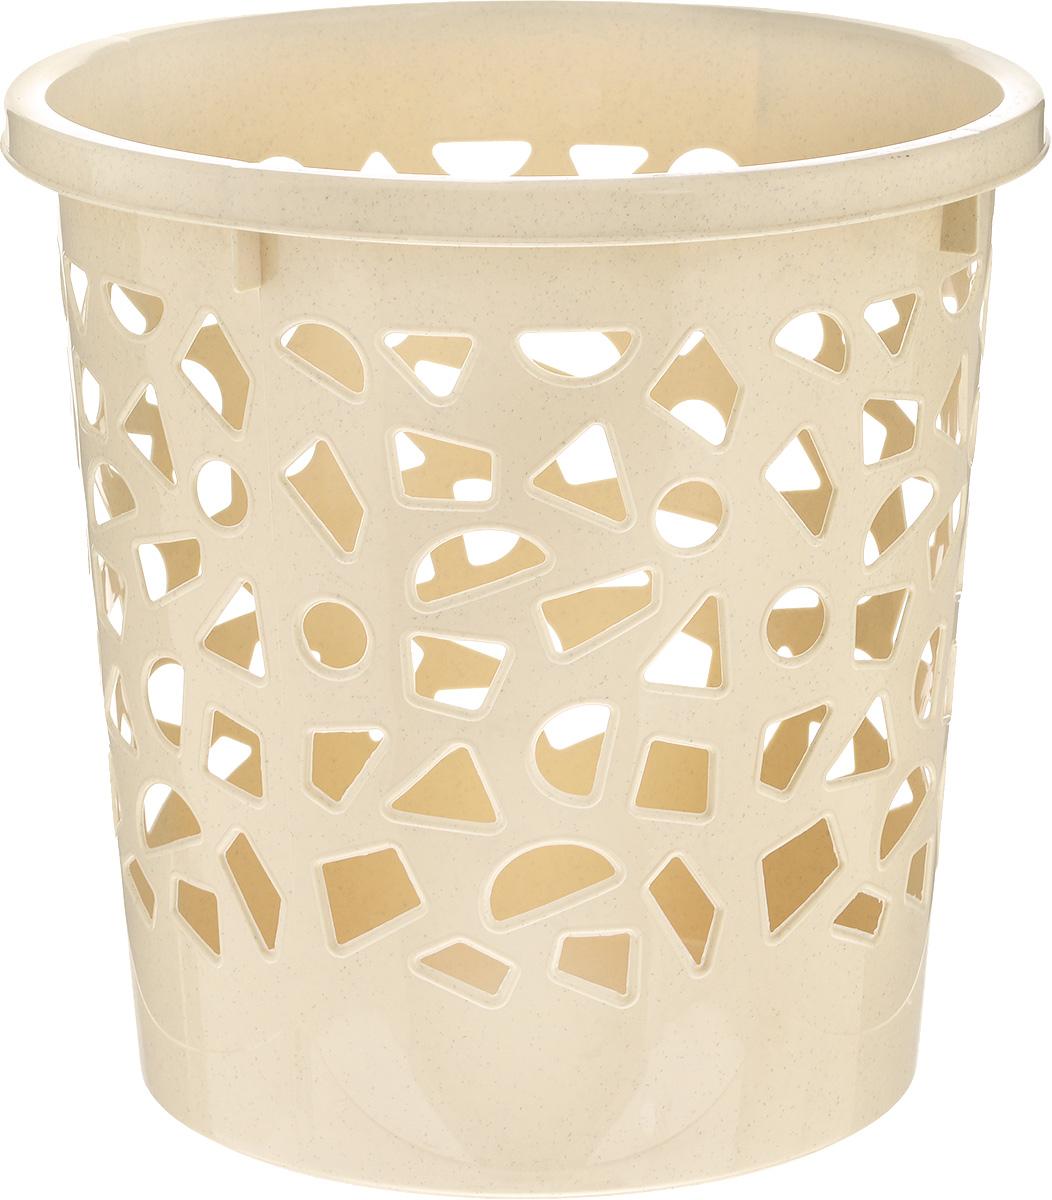 Корзина для мусора Бытпласт, цвет: бежевый, высота 26 смUP210DFКорзина для мусора Бытпласт, изготовлена из высококачественного пластика. Вы можете использовать ее для выбрасывания разных пищевых и не пищевых отходов. Корзина имеет отверстия на стенках и сплошное дно. Корзина для мусора поможет содержать ваше рабочее место в порядке.Диаметр (по верхнему краю): 26 см.Высота: 26 см.